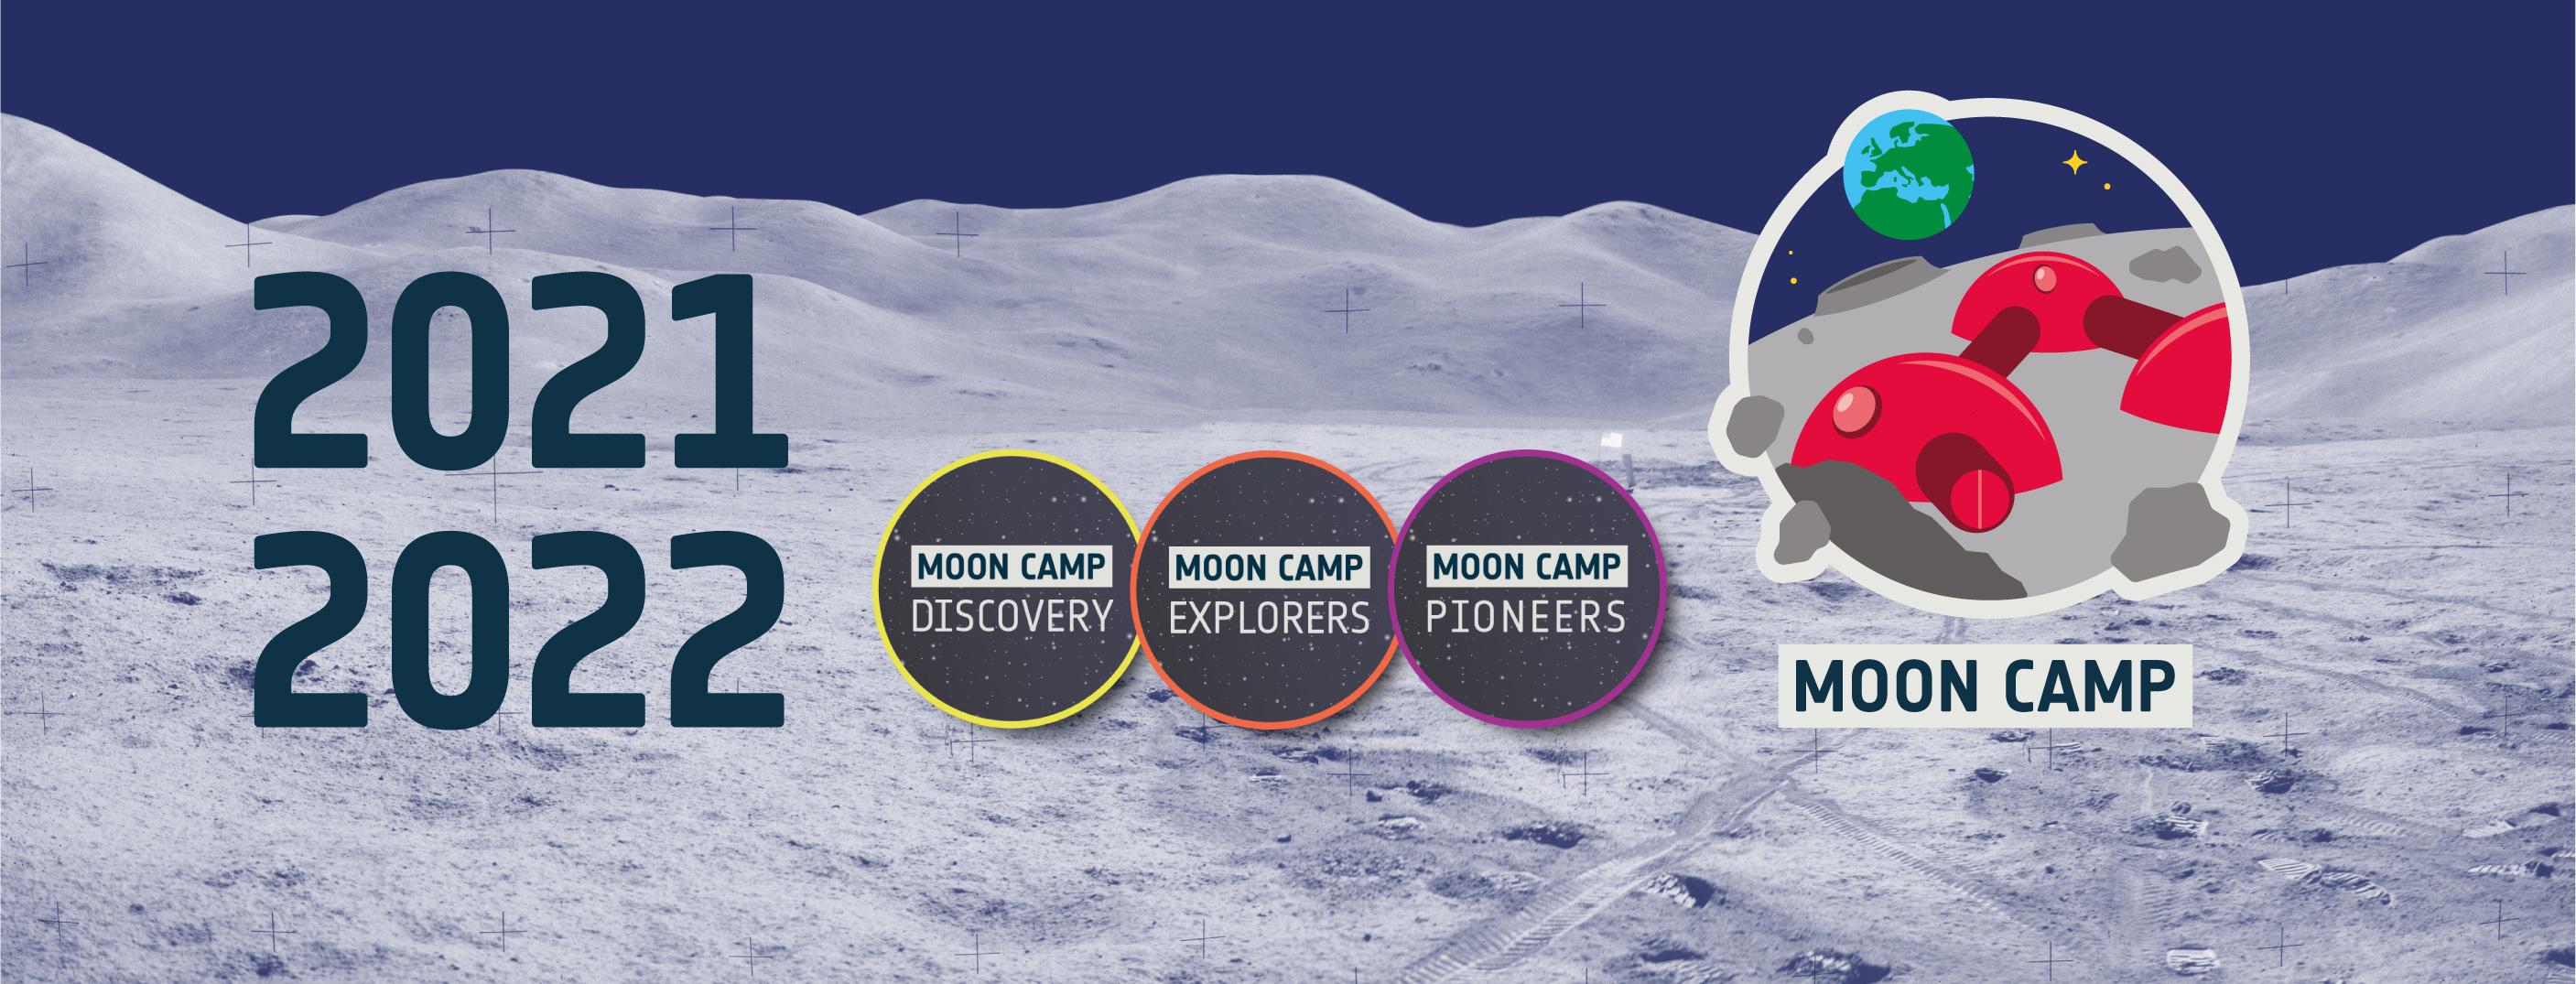 Moon Camp 2021/2022 – Inscrições abertas!